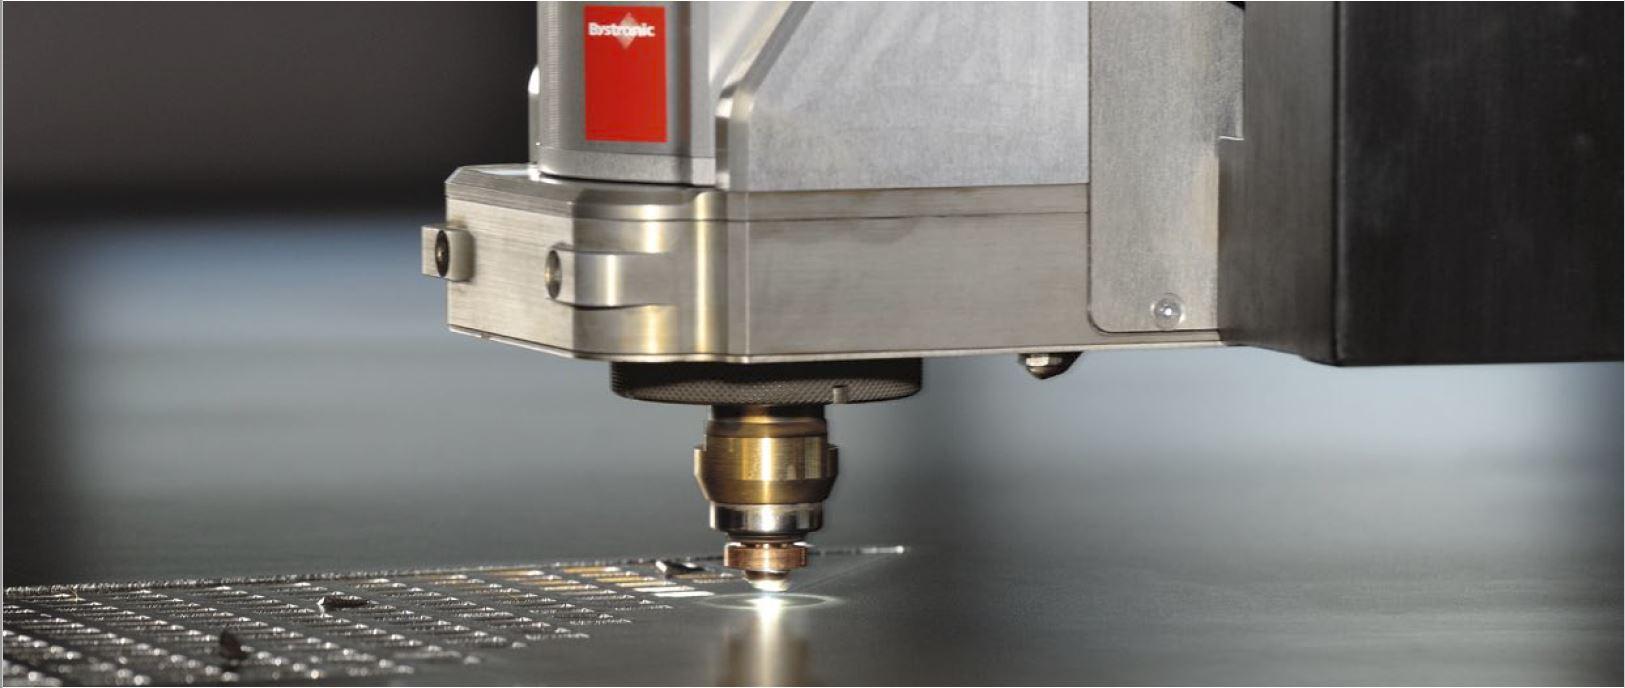 Valenta Metall GmbH -  Neue Laserschnittanlage ByStar 3015 mit Fiber 6000